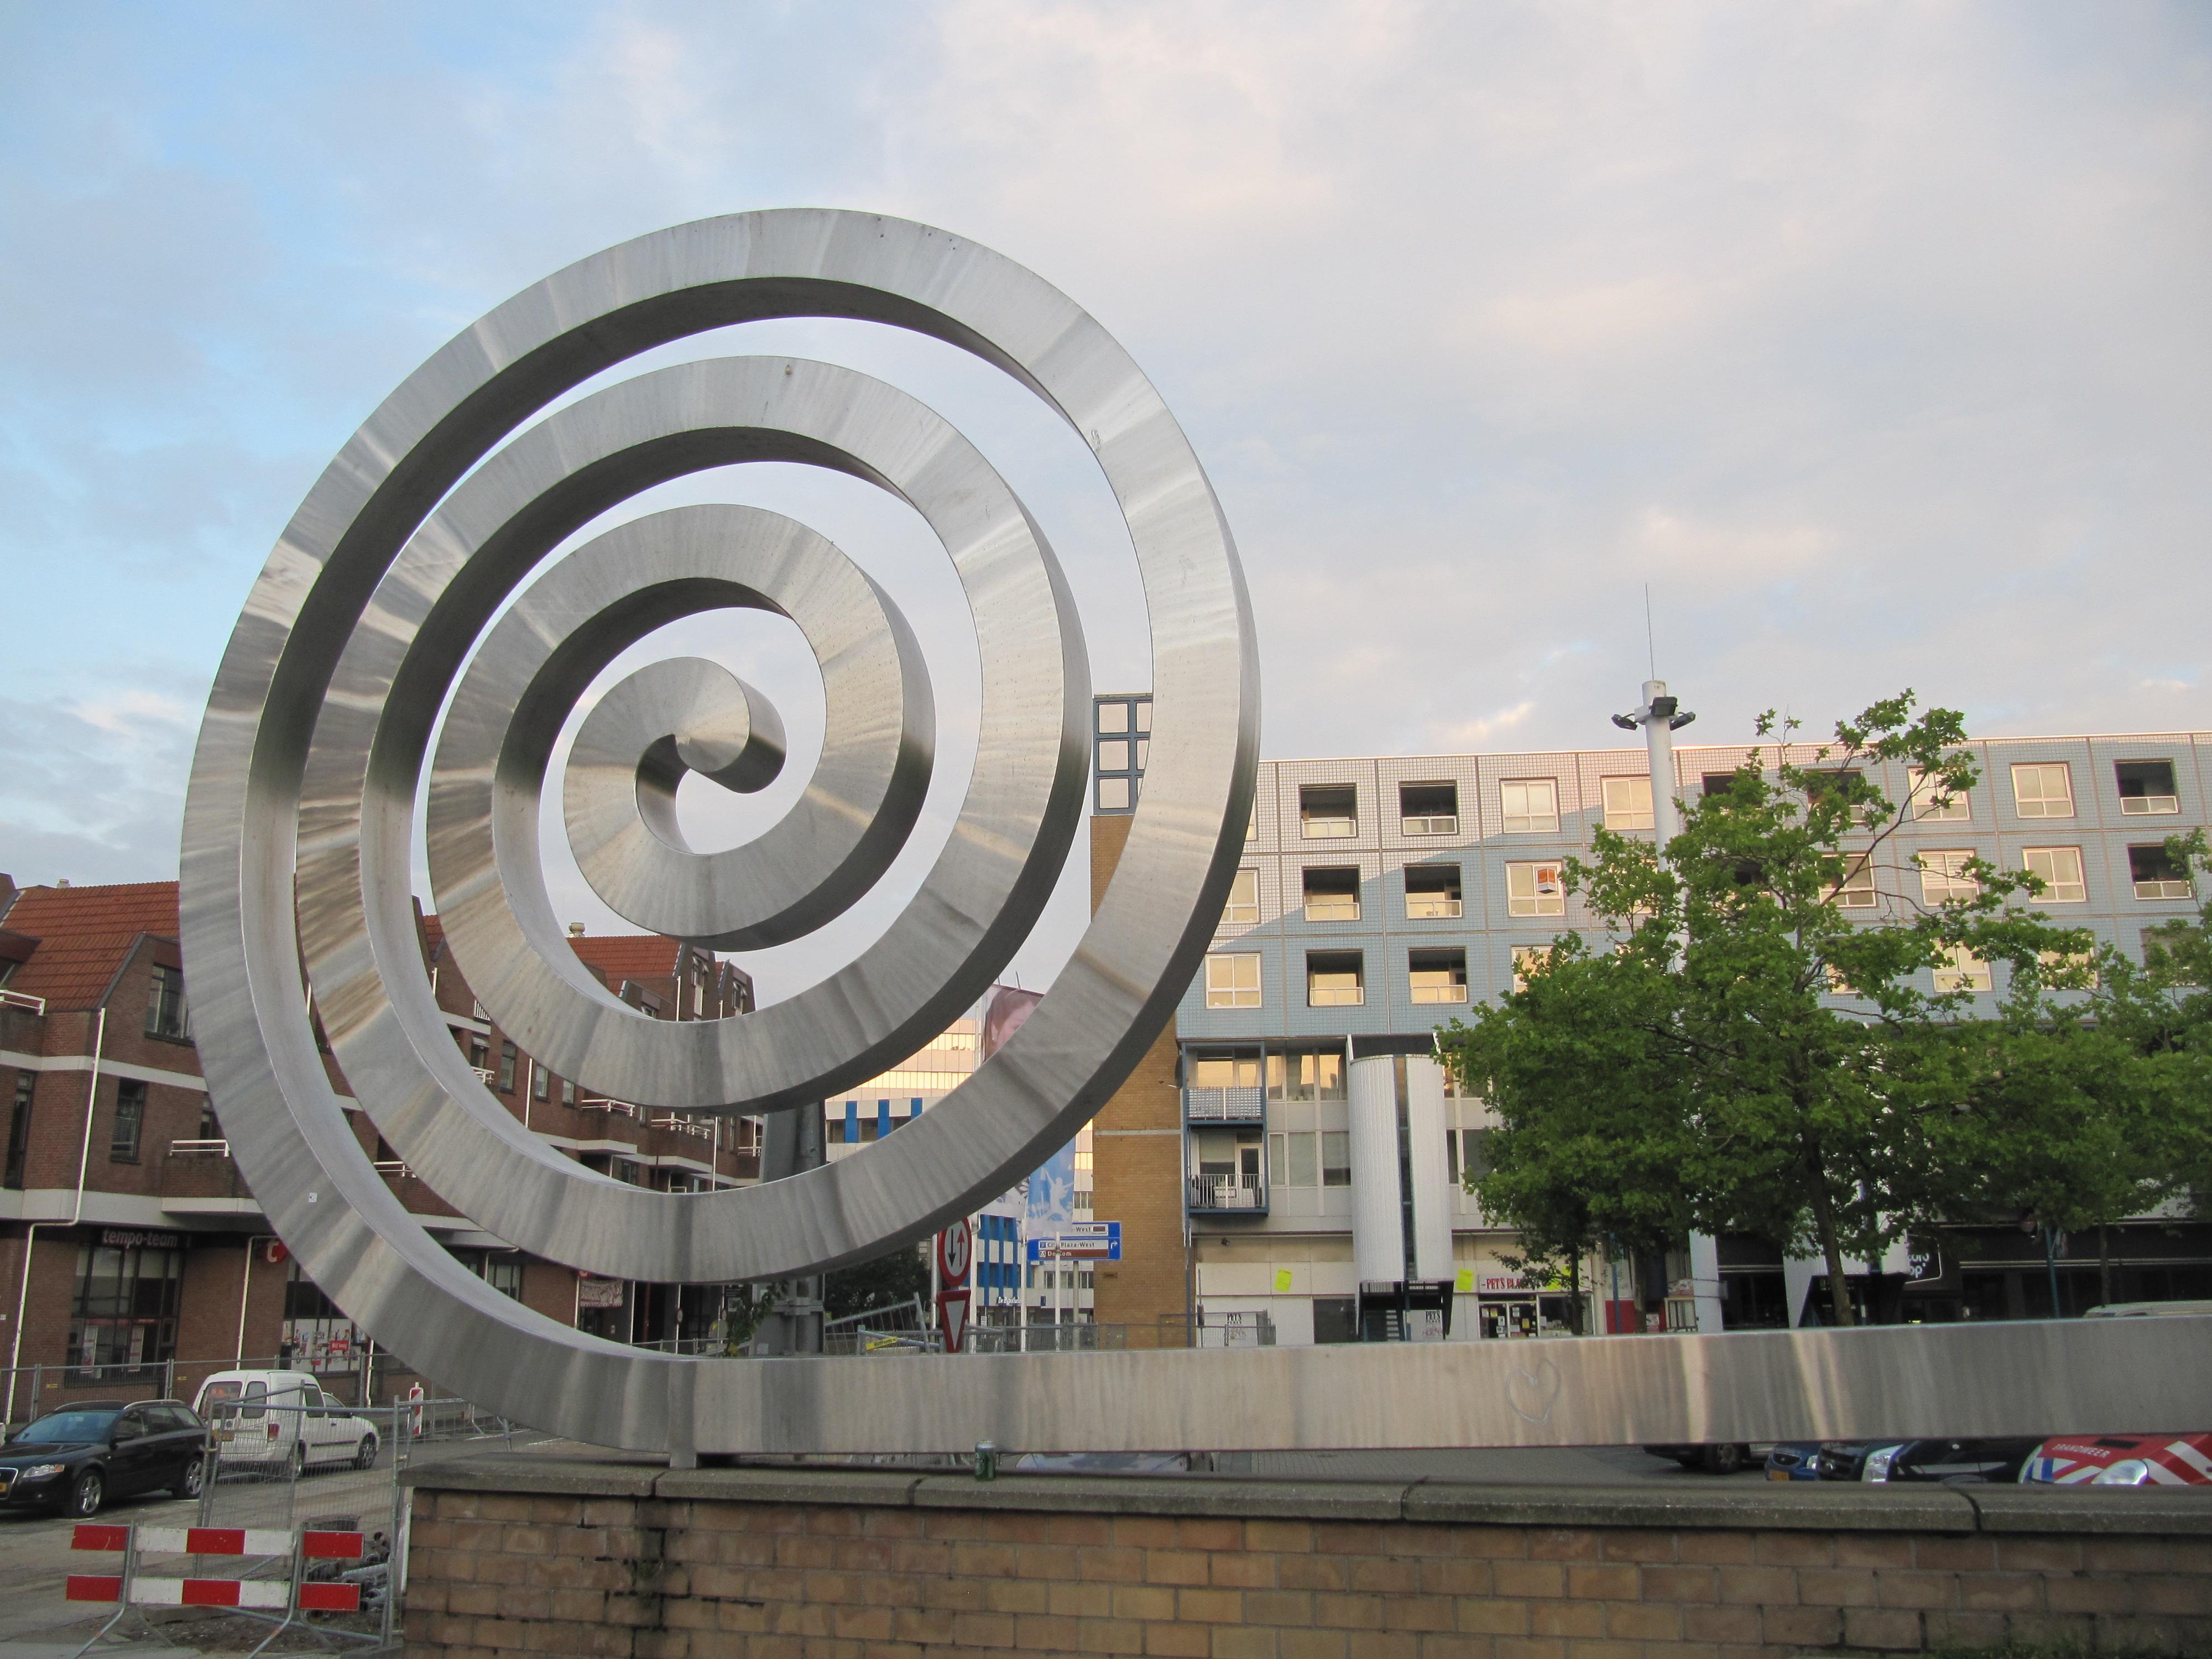 Filenieuwegein Sculptuur De Krul Van Frans De Boer En